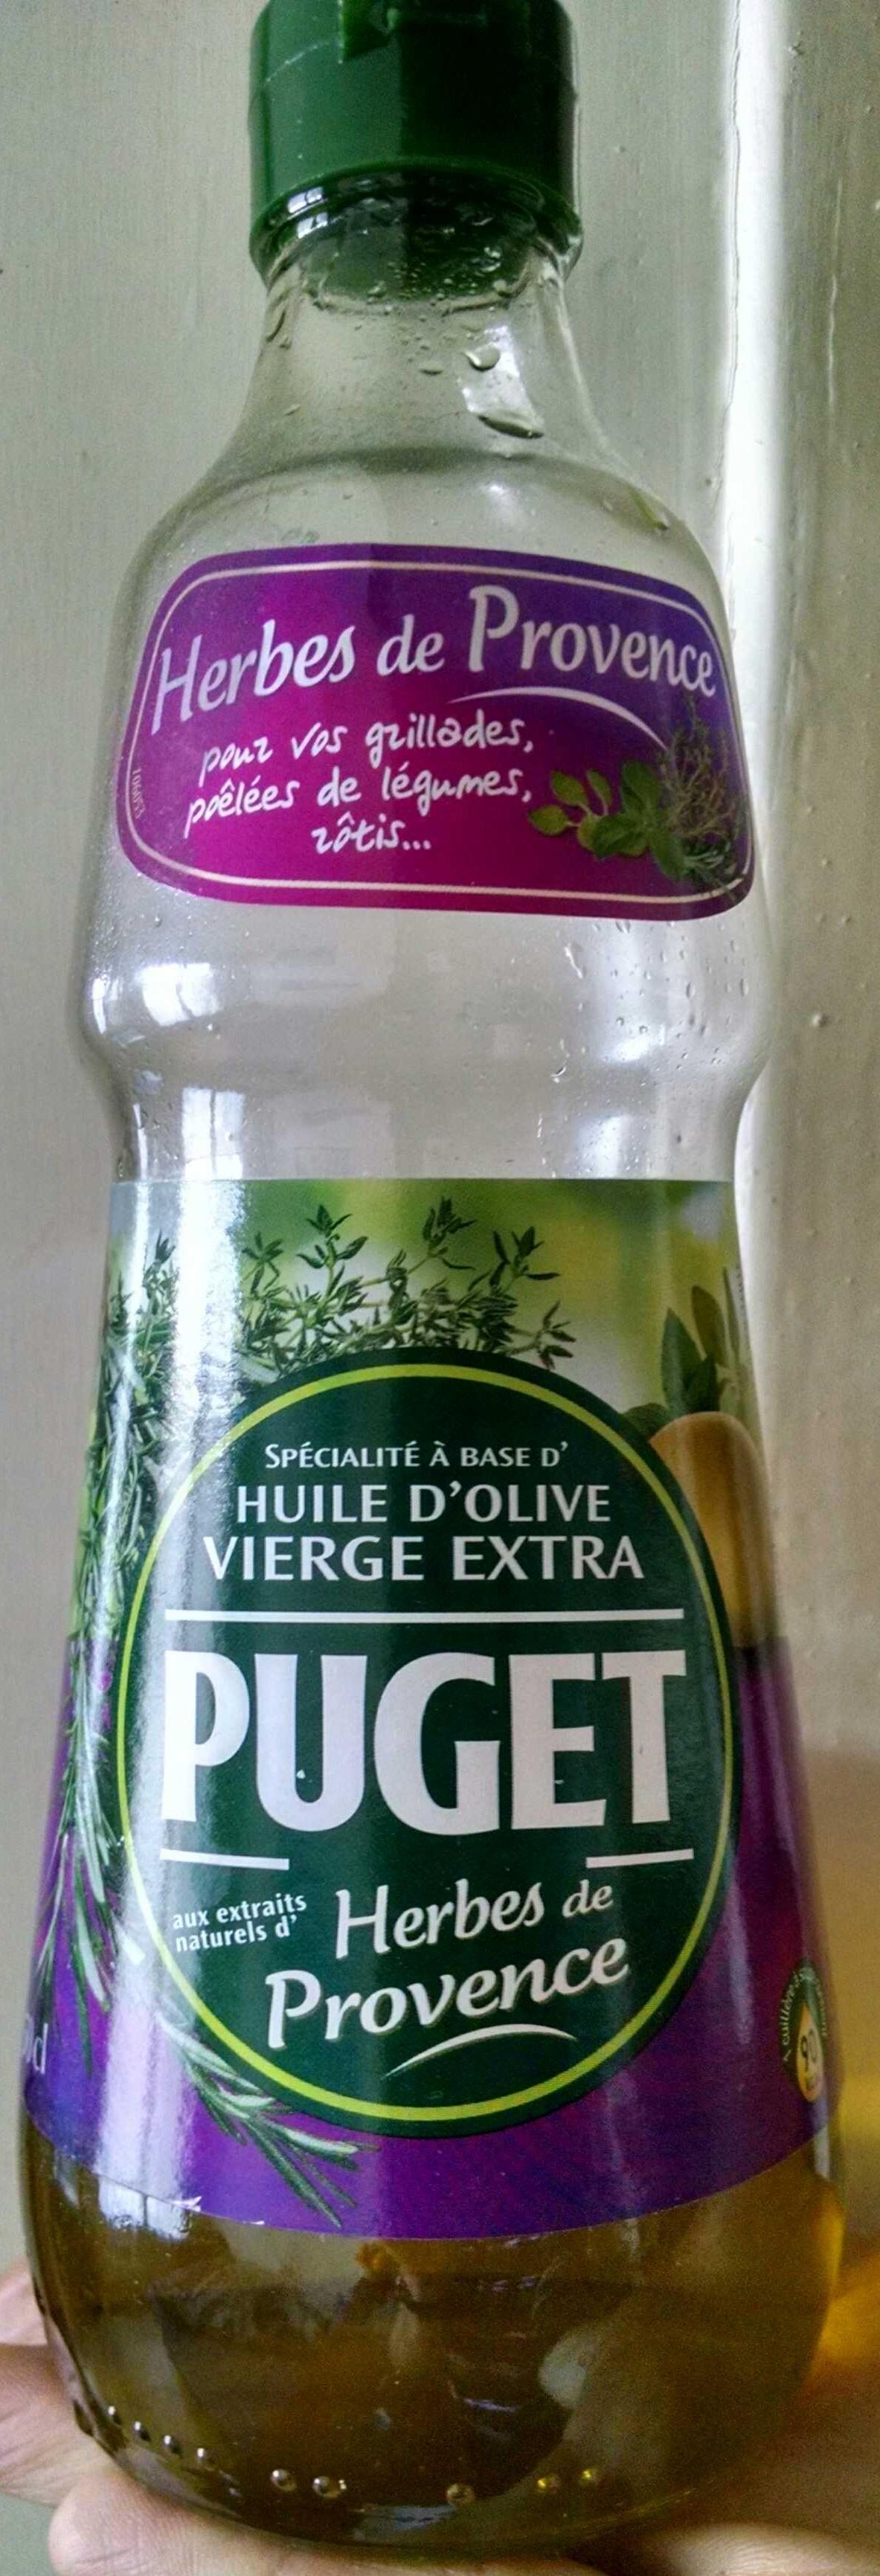 Huile d'olive vierge extra aux extraits naturels d'herbes de provence - Product